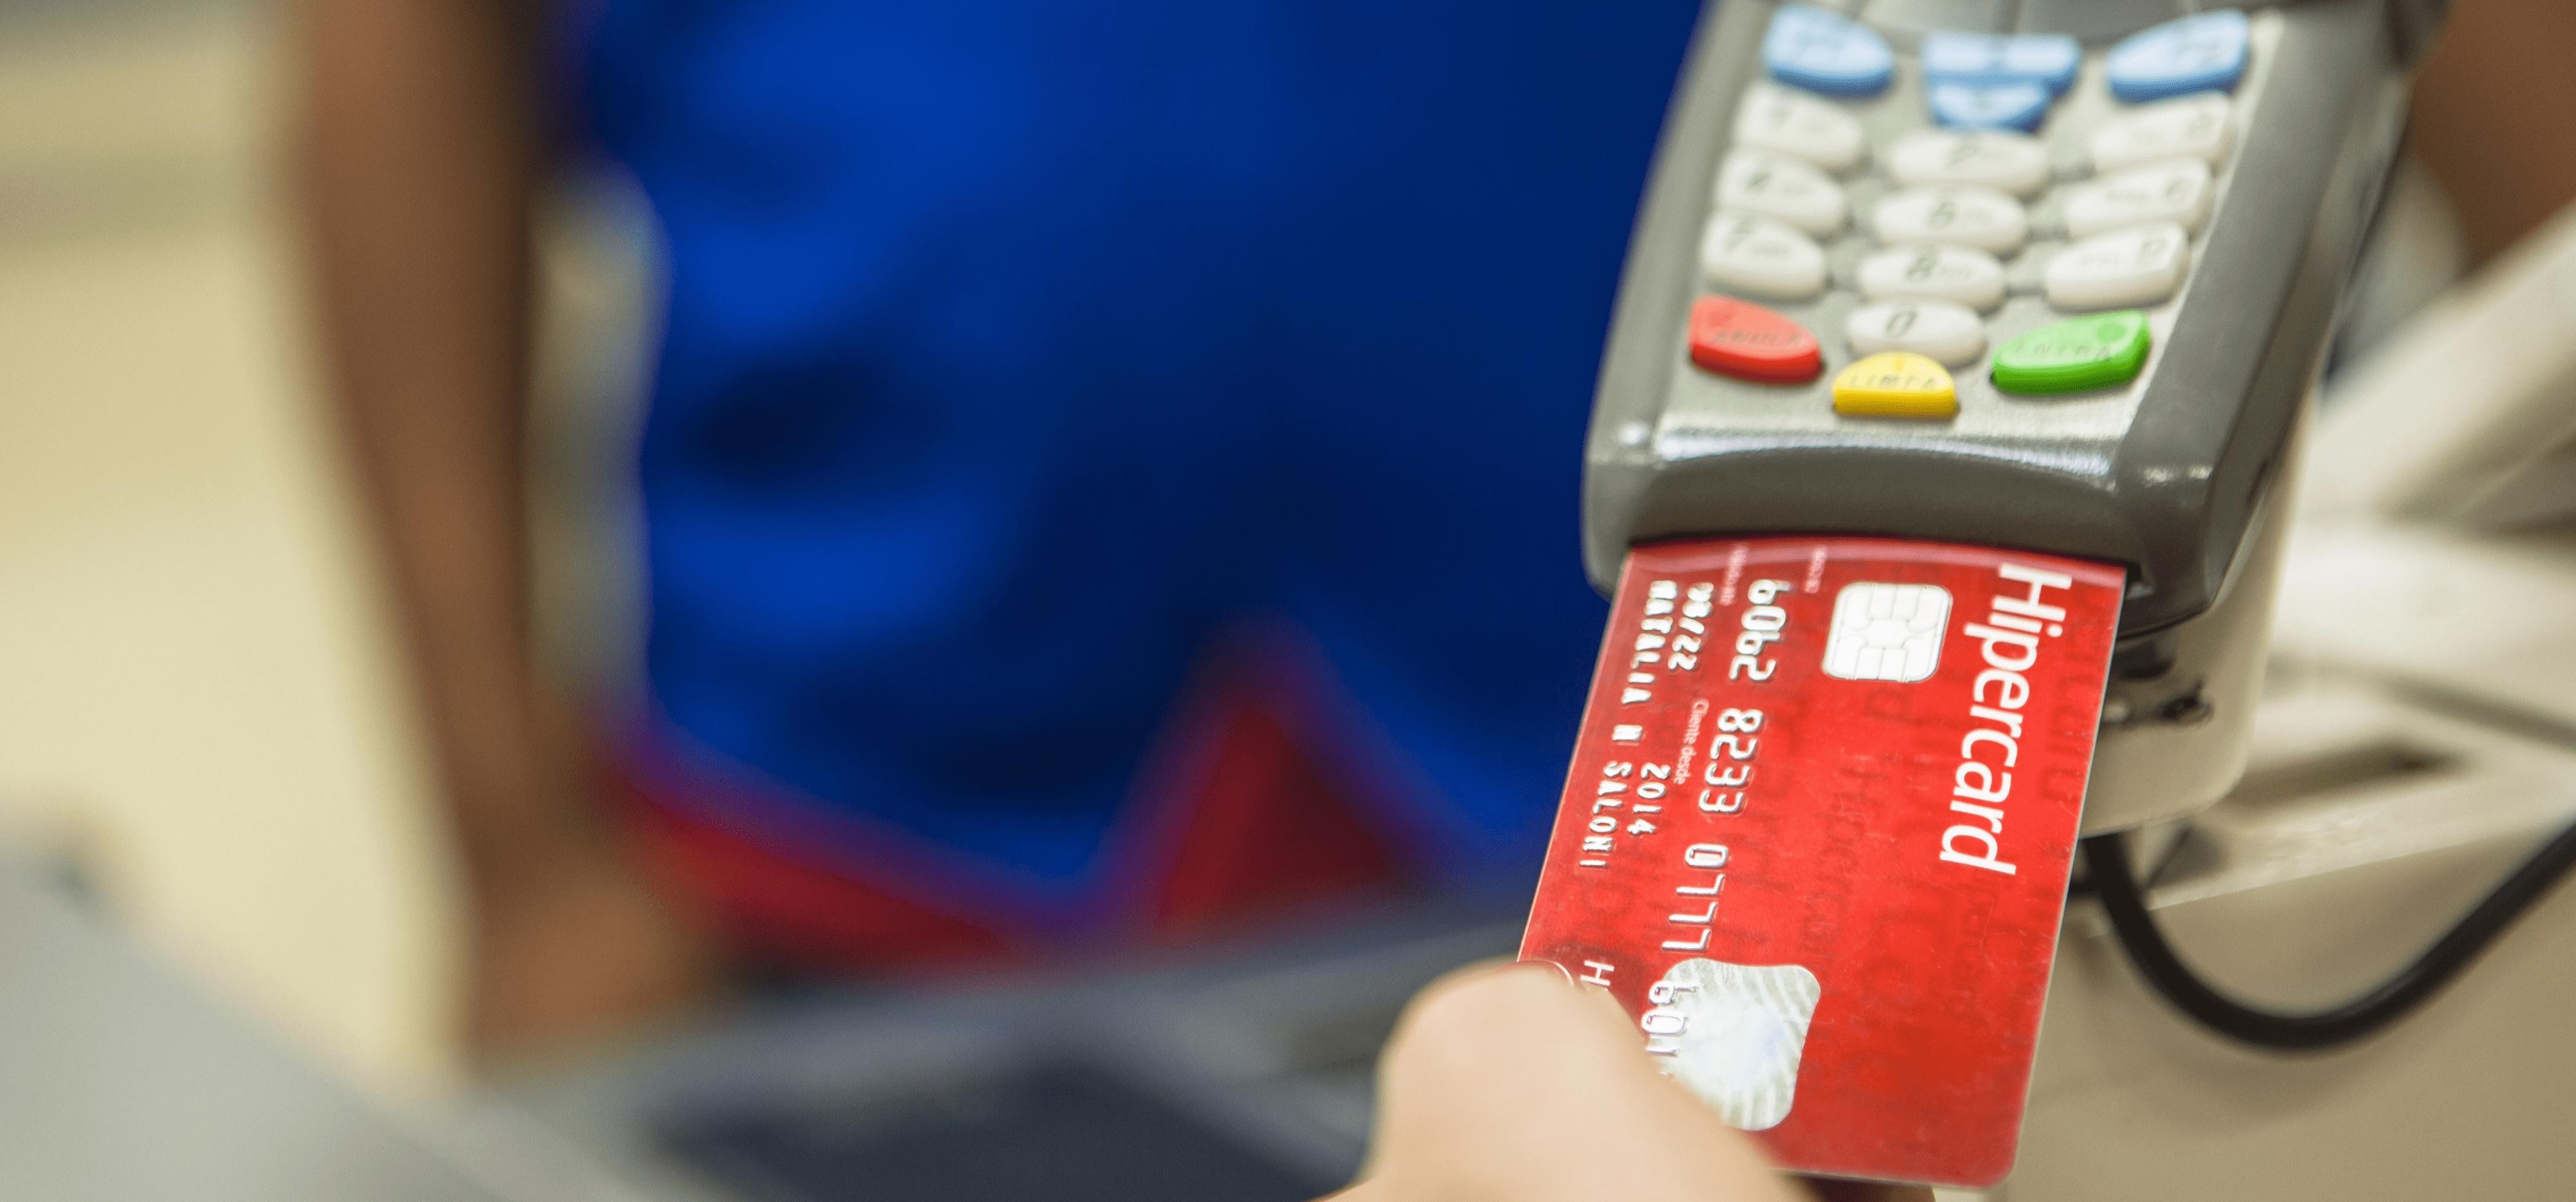 cartão hipercard na maquina de cartões